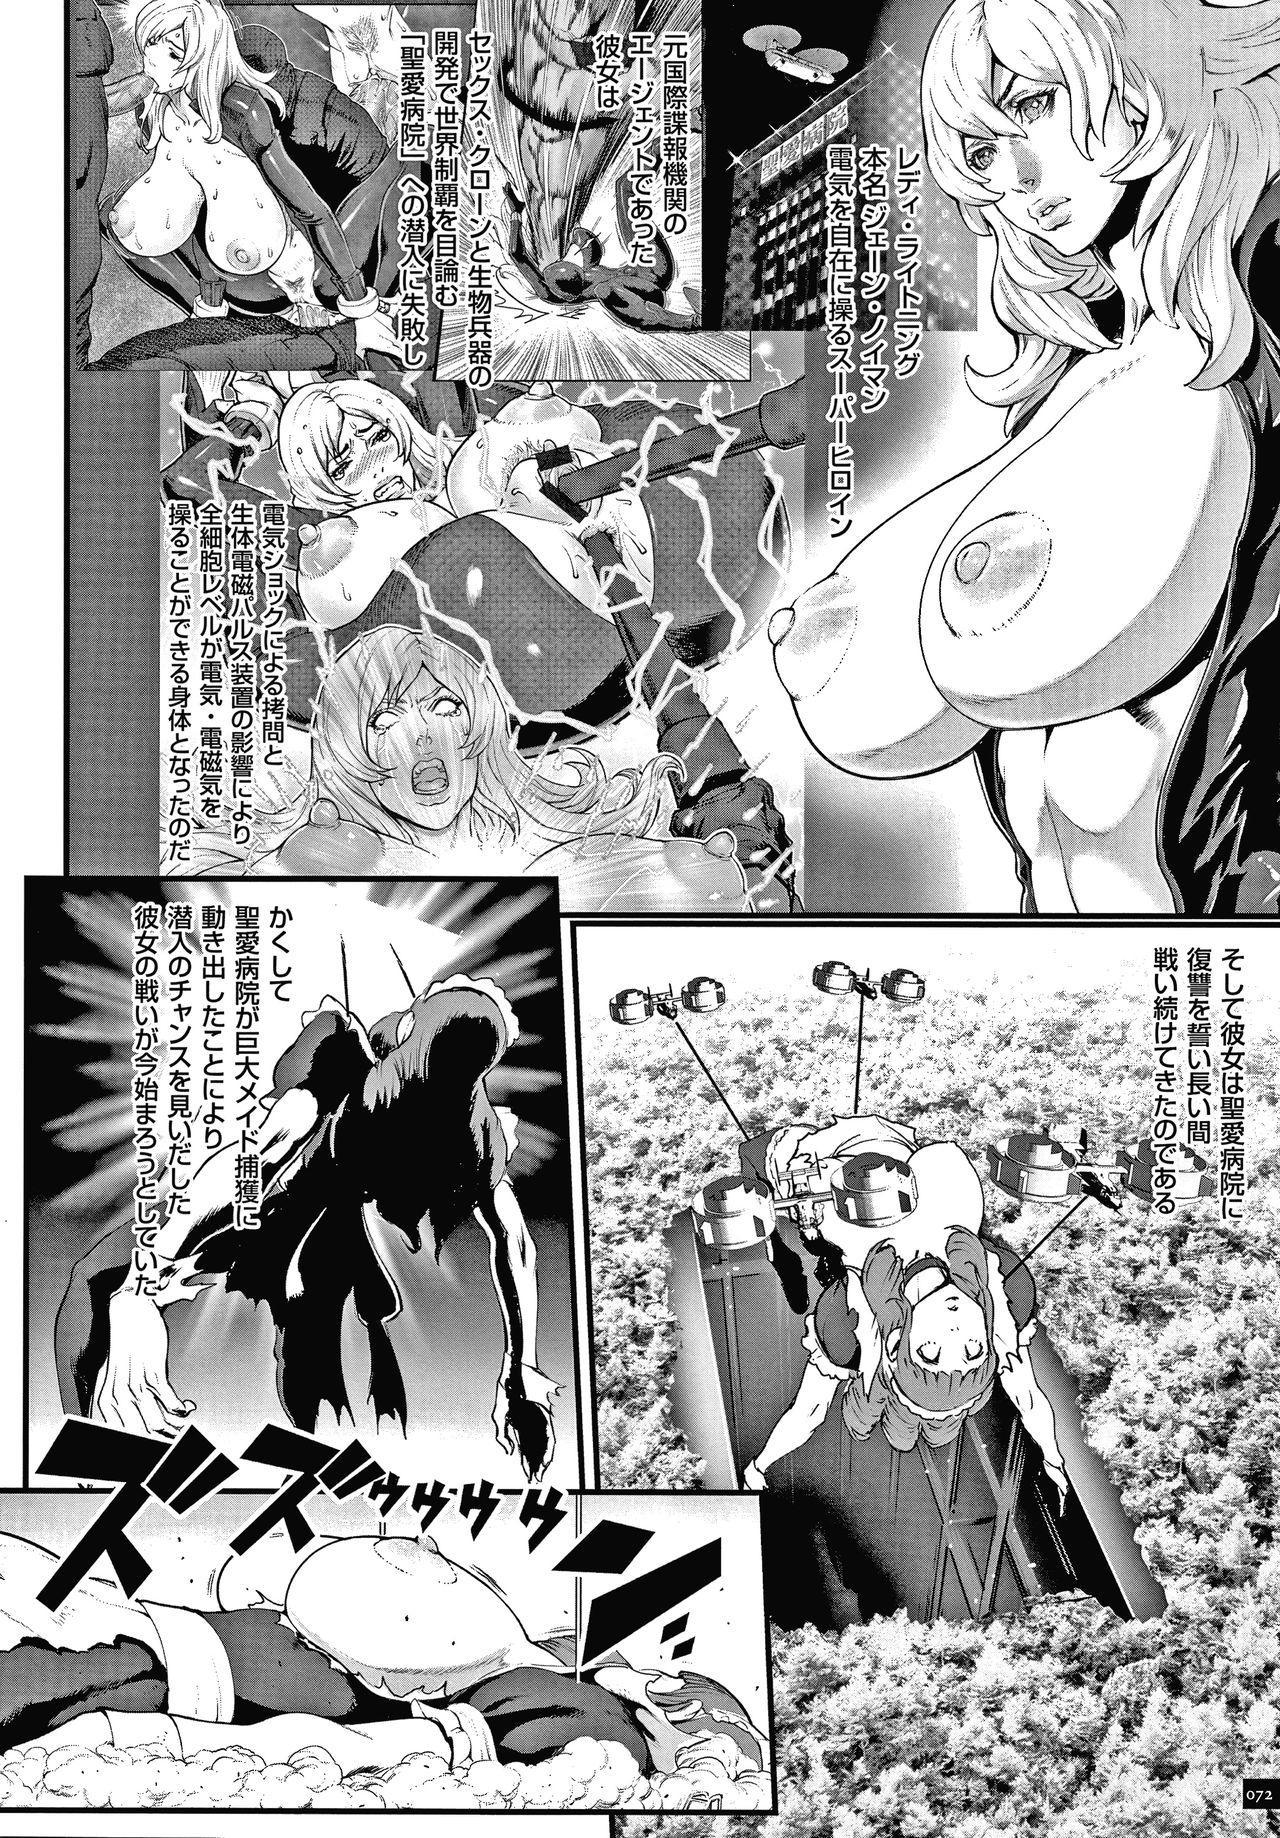 Haramase no Hoshi 73